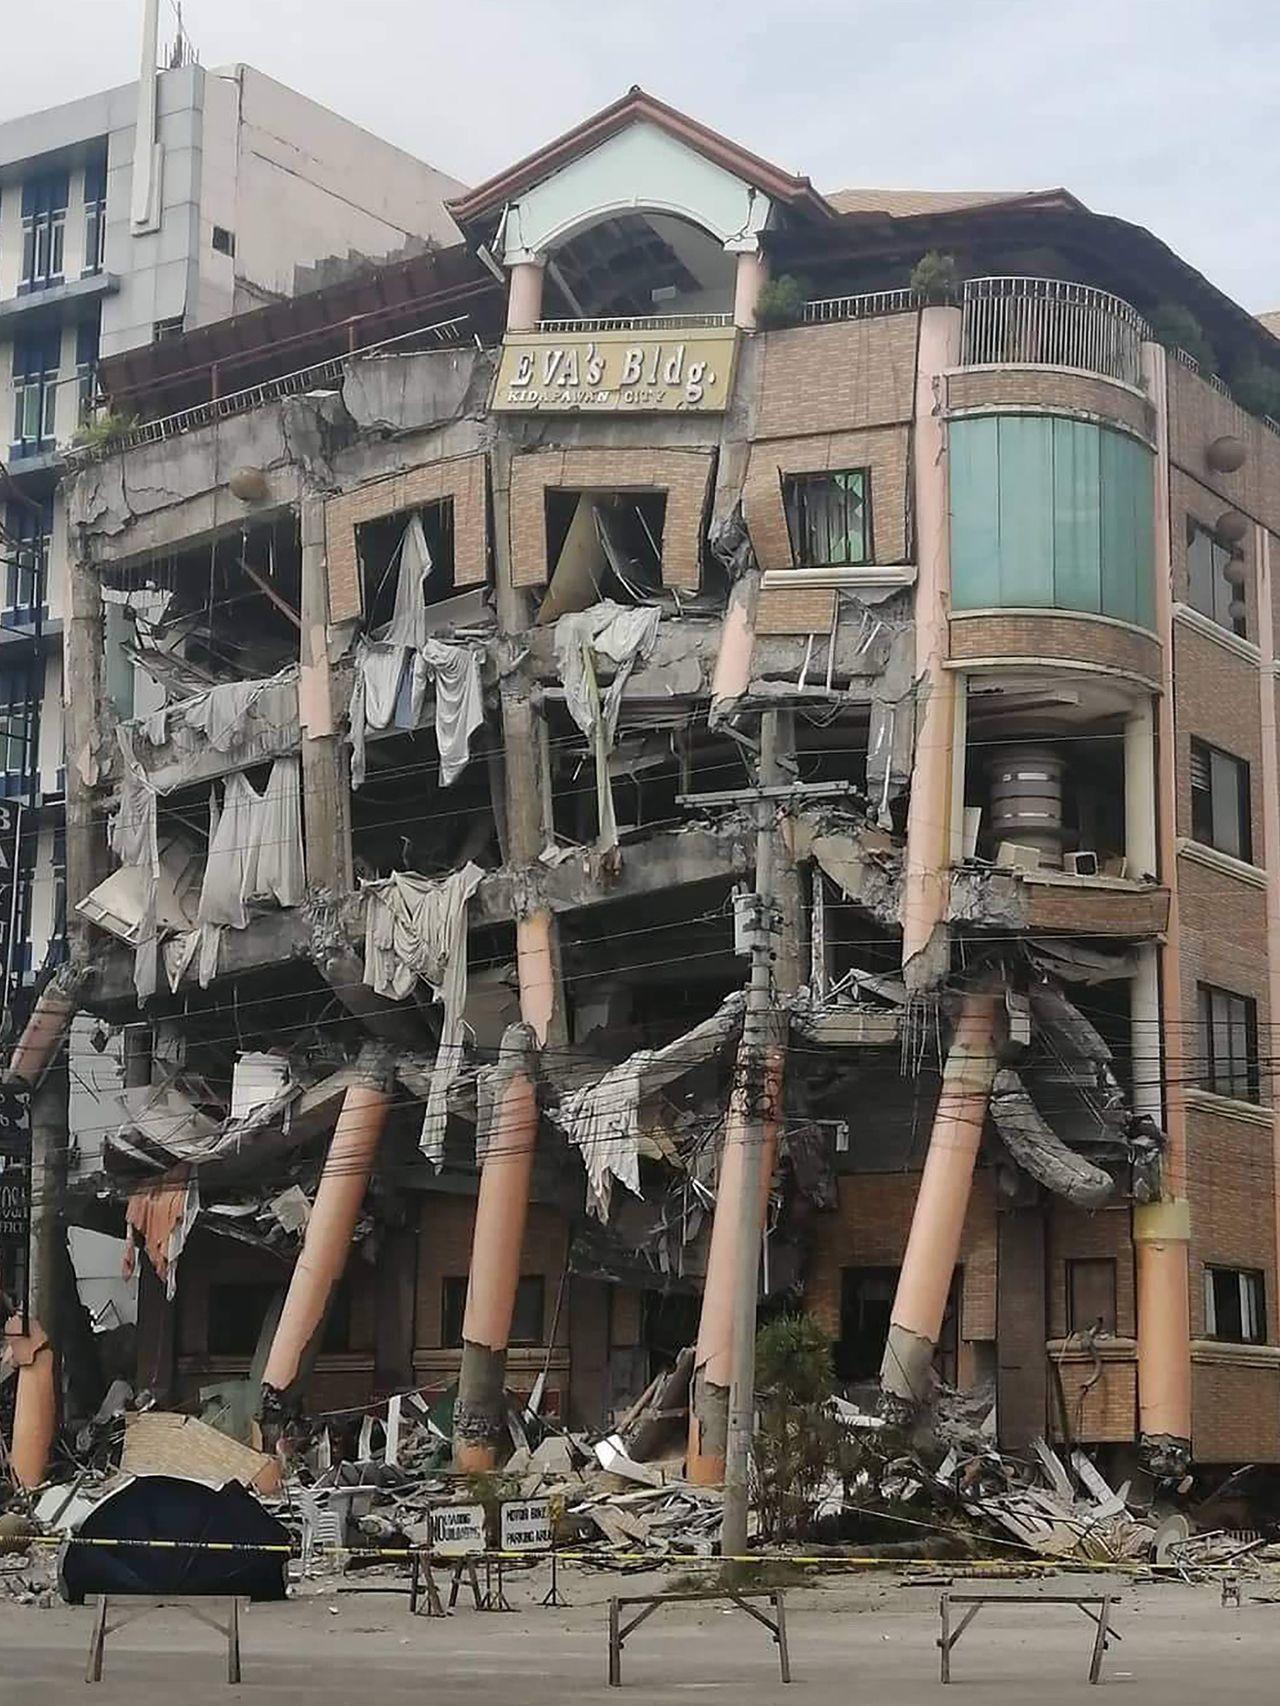 菲律賓31日發生規模6.5強震,建築物倒塌。Getty Images